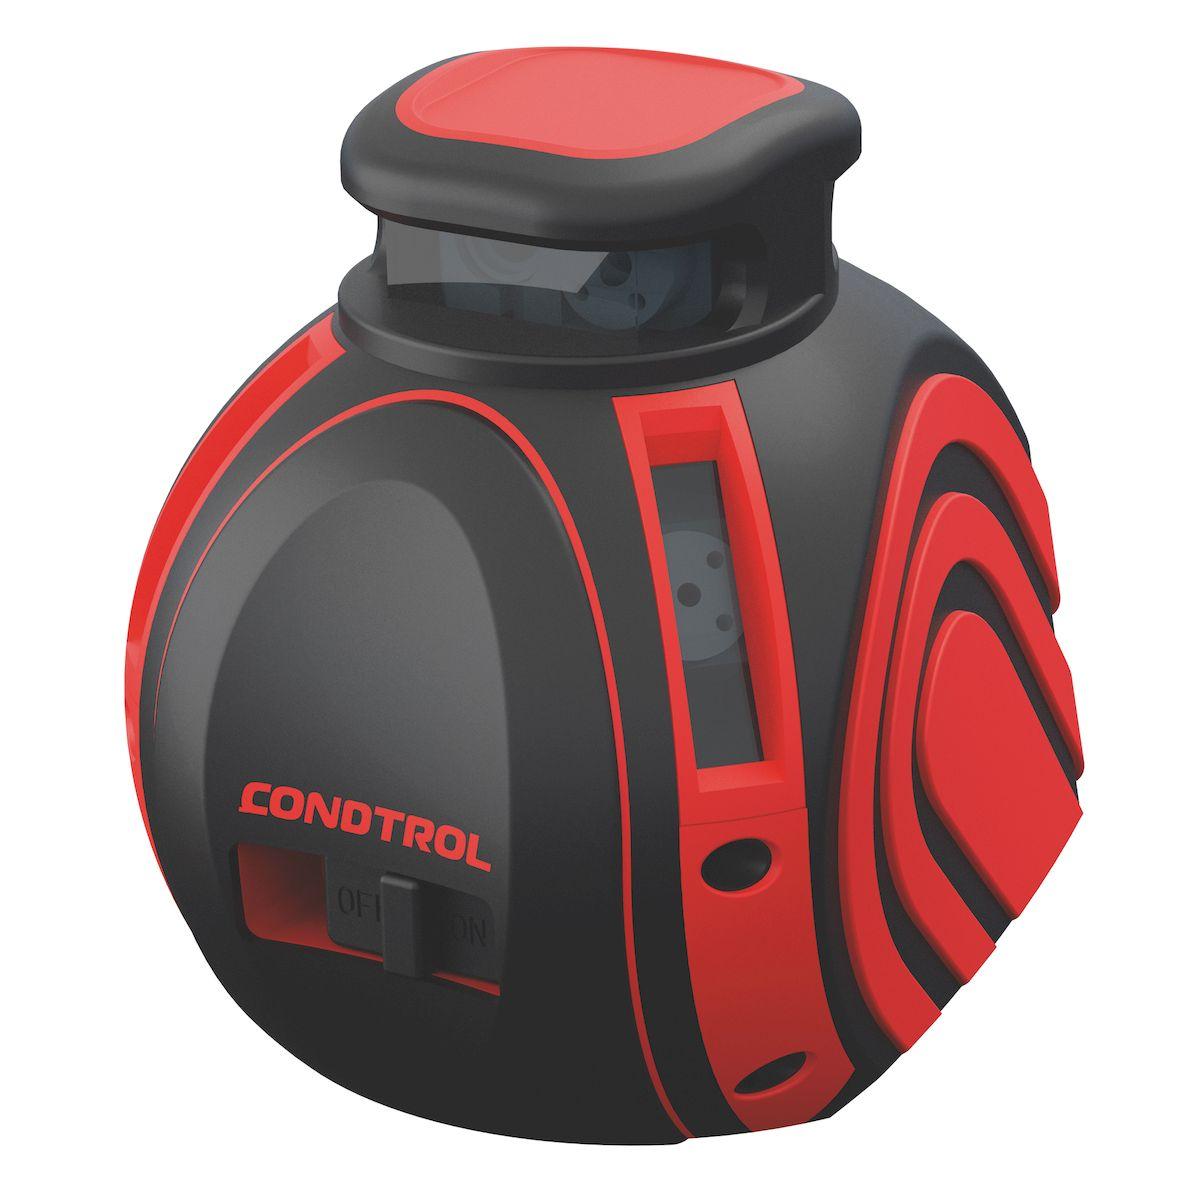 Лазерный нивелир Condtrol Unix360 Pro1-2-108Функция 360 градусов. Угол 90 градусов. Работа с детектором.